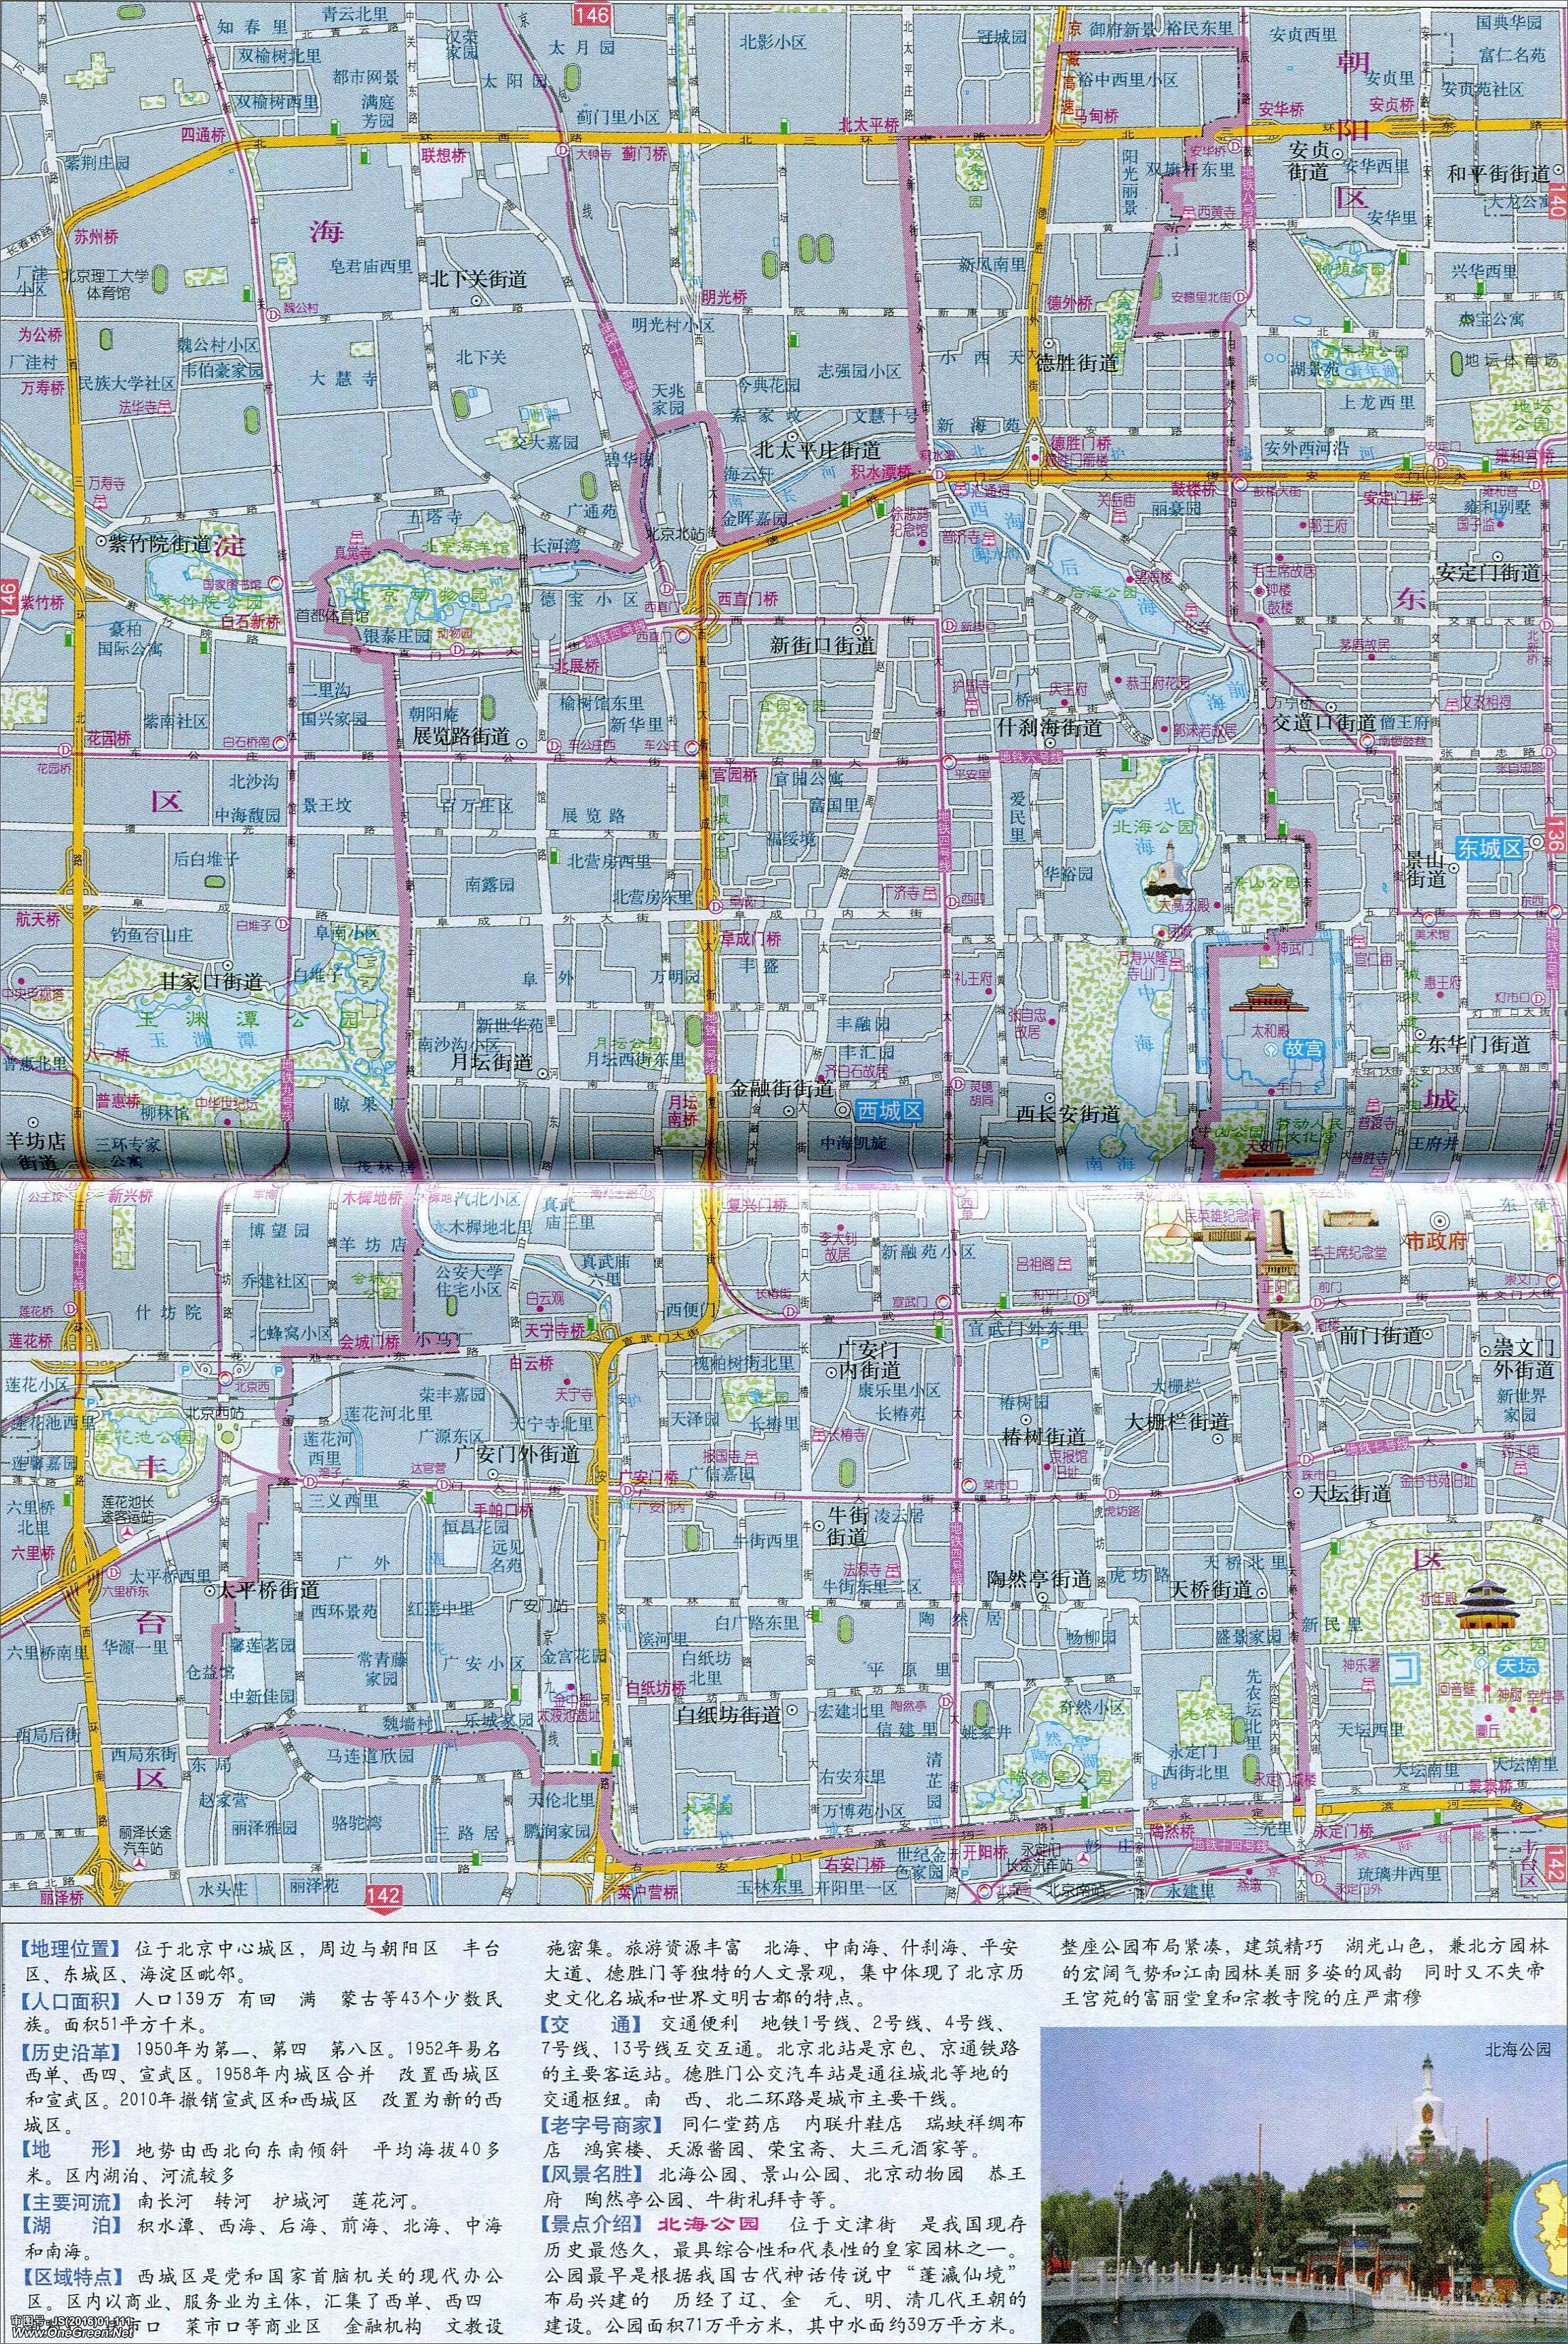 世界行政地图